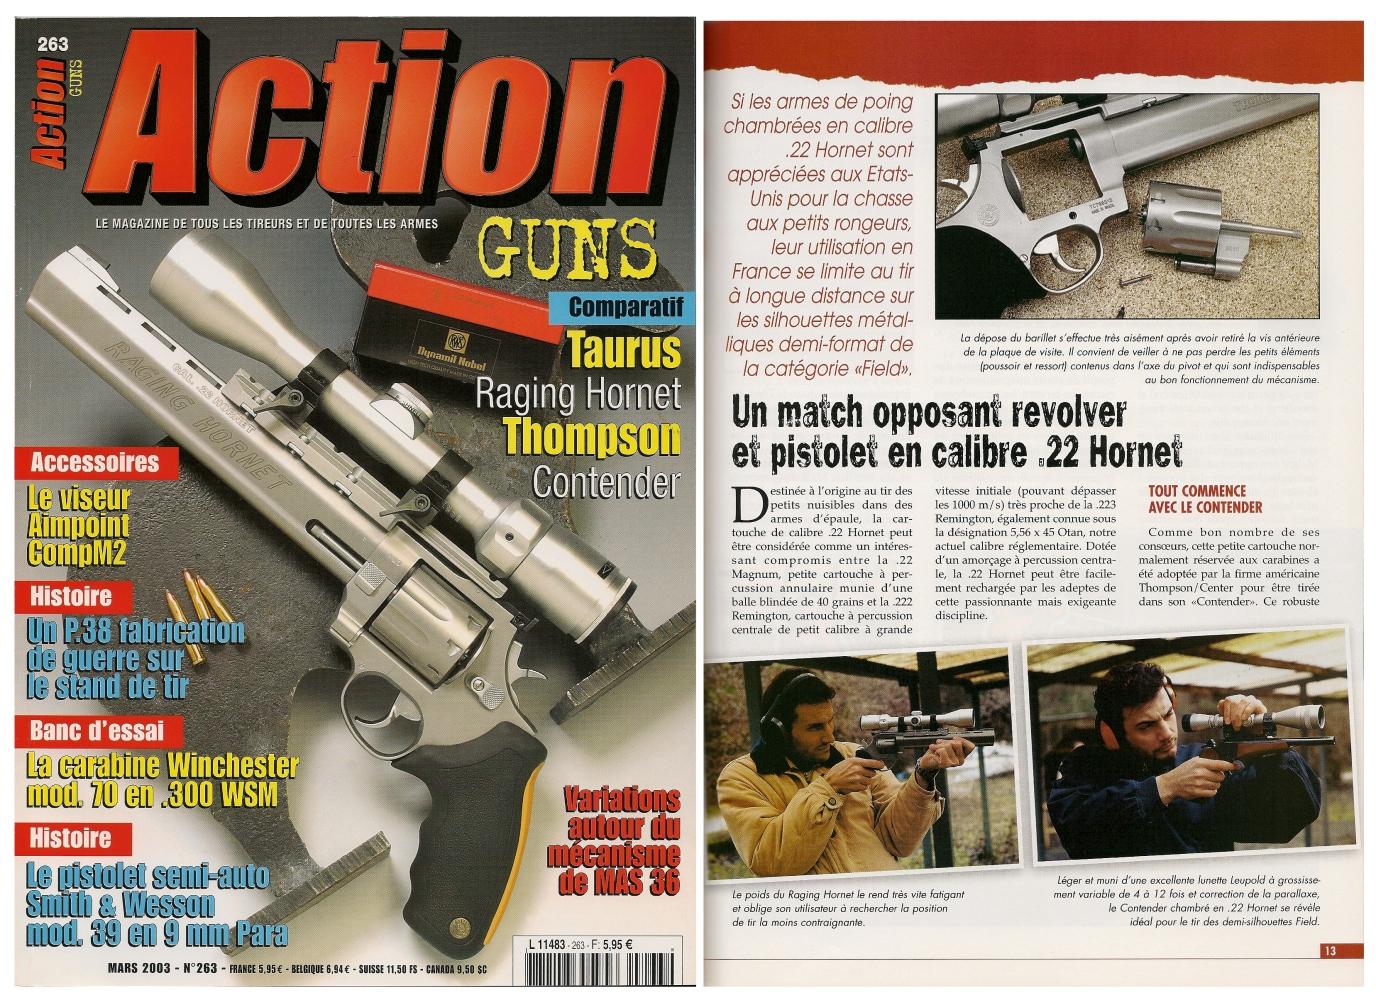 Le banc d'essai du revolver Taurus Raging Hornet opposé au pistolet Thompson Contender a été publié sur 8 pages dans le magazine Action Guns n°263 (mars 2003).